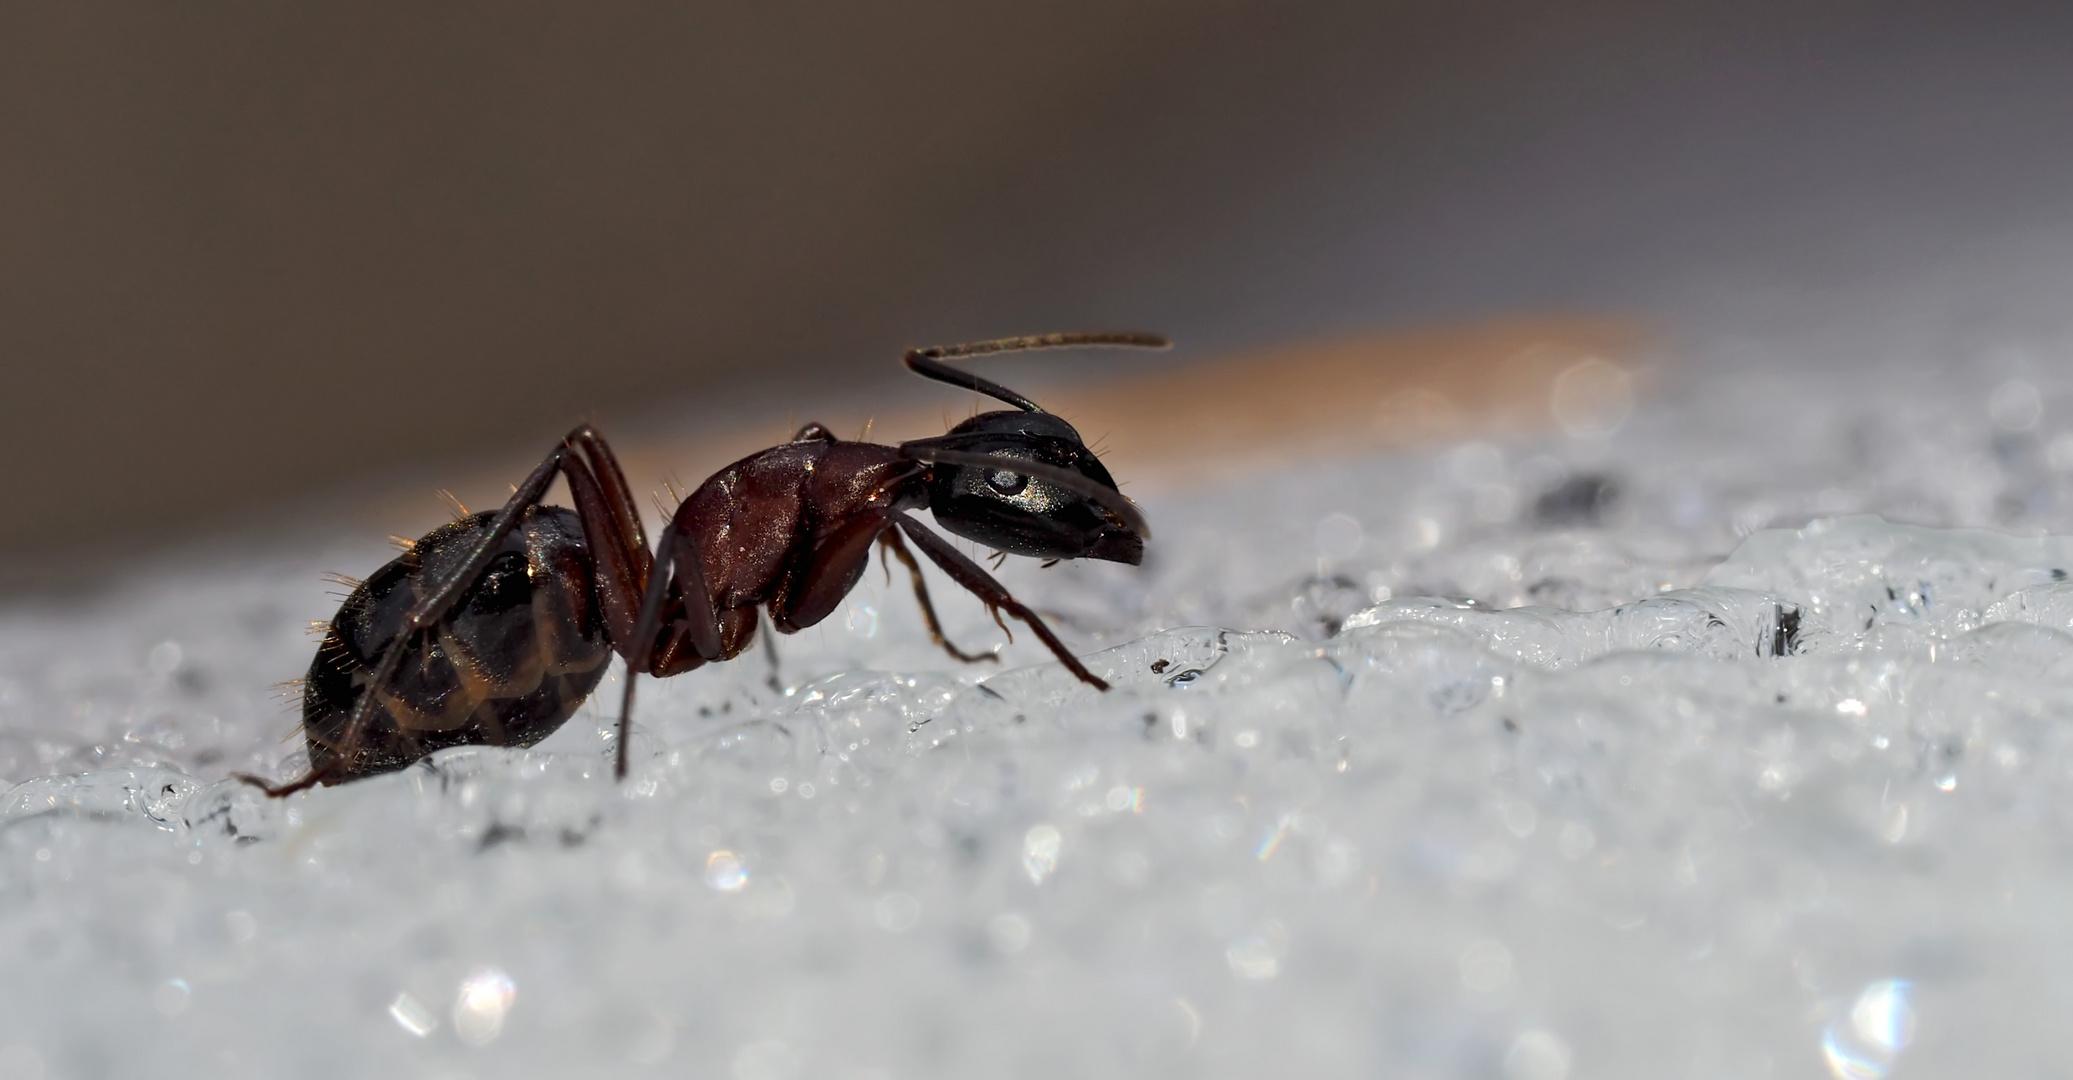 ameise im schnee unterschiede zw ameisen und termiten. Black Bedroom Furniture Sets. Home Design Ideas